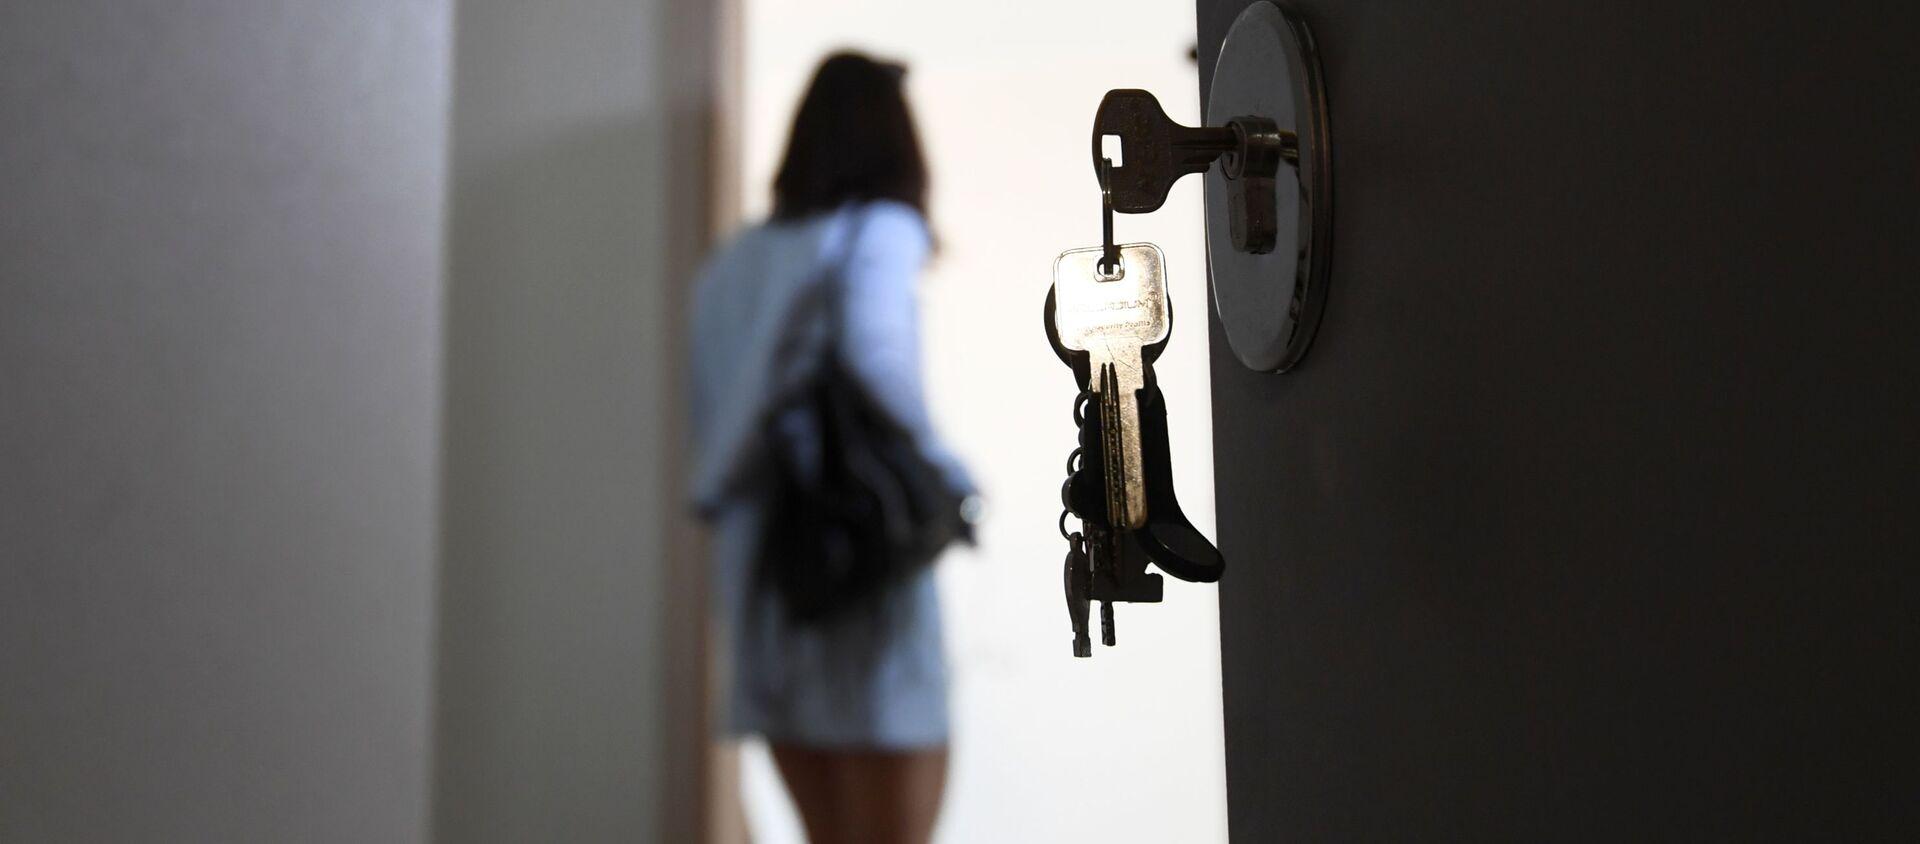 Входная дверь в квартире многоэтажного жилого дома - Sputnik Latvija, 1920, 23.03.2021